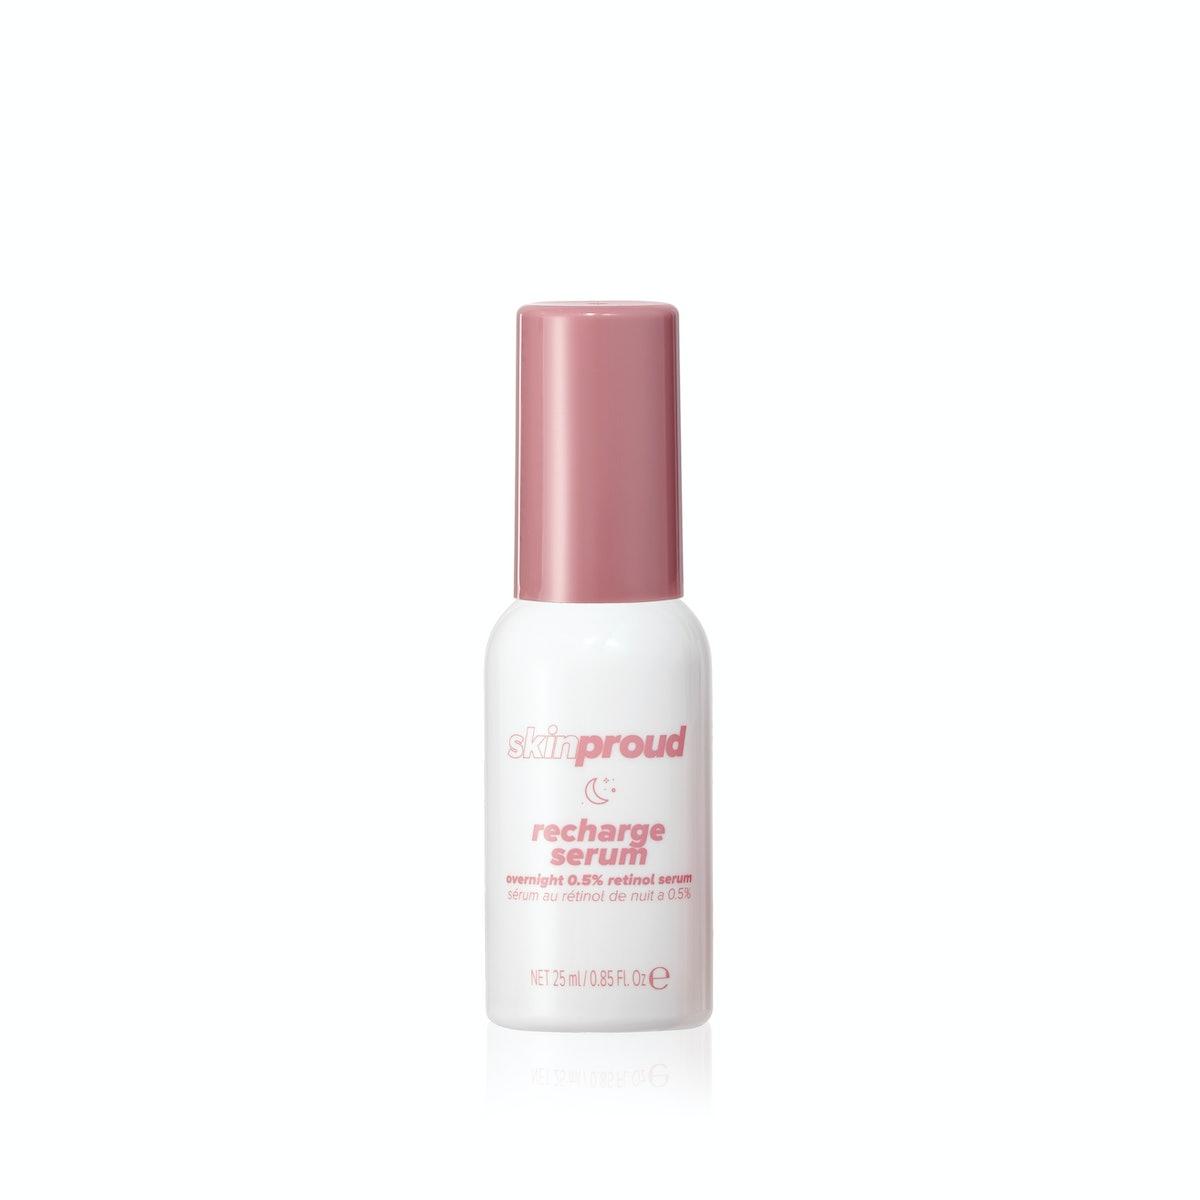 Skin Proud Recharge Serum, Overnight 0.5% Retinol Serum